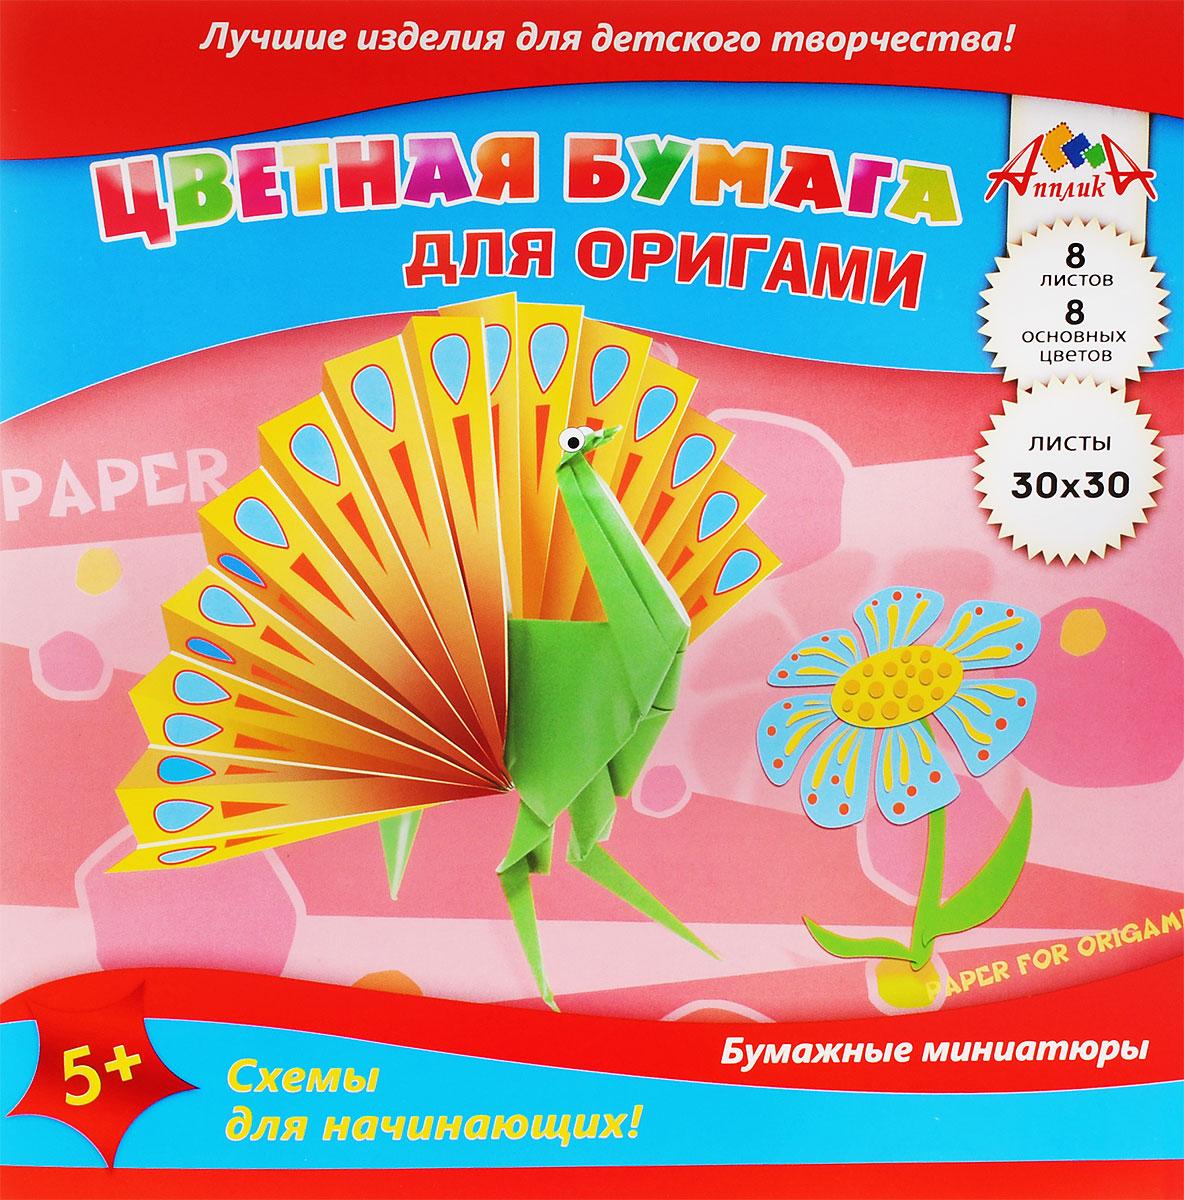 Апплика Цветная бумага для оригами Павлин 8 листовС0326-01Набор цветной бумаги Апплика Павлин позволит создавать вашему ребенку своими руками оригинальное оригами. Набор состоит из 8 листов двусторонней бумаги разных цветов. Внутри папки приводятся схематичные инструкции по изготовлению оригами, сзади дана расшифровка условных обозначений. Создание поделок из цветной бумаги позволяет ребенку развивать творческие способности, кроме того, это увлекательный досуг. Рекомендуемый возраст: 5+